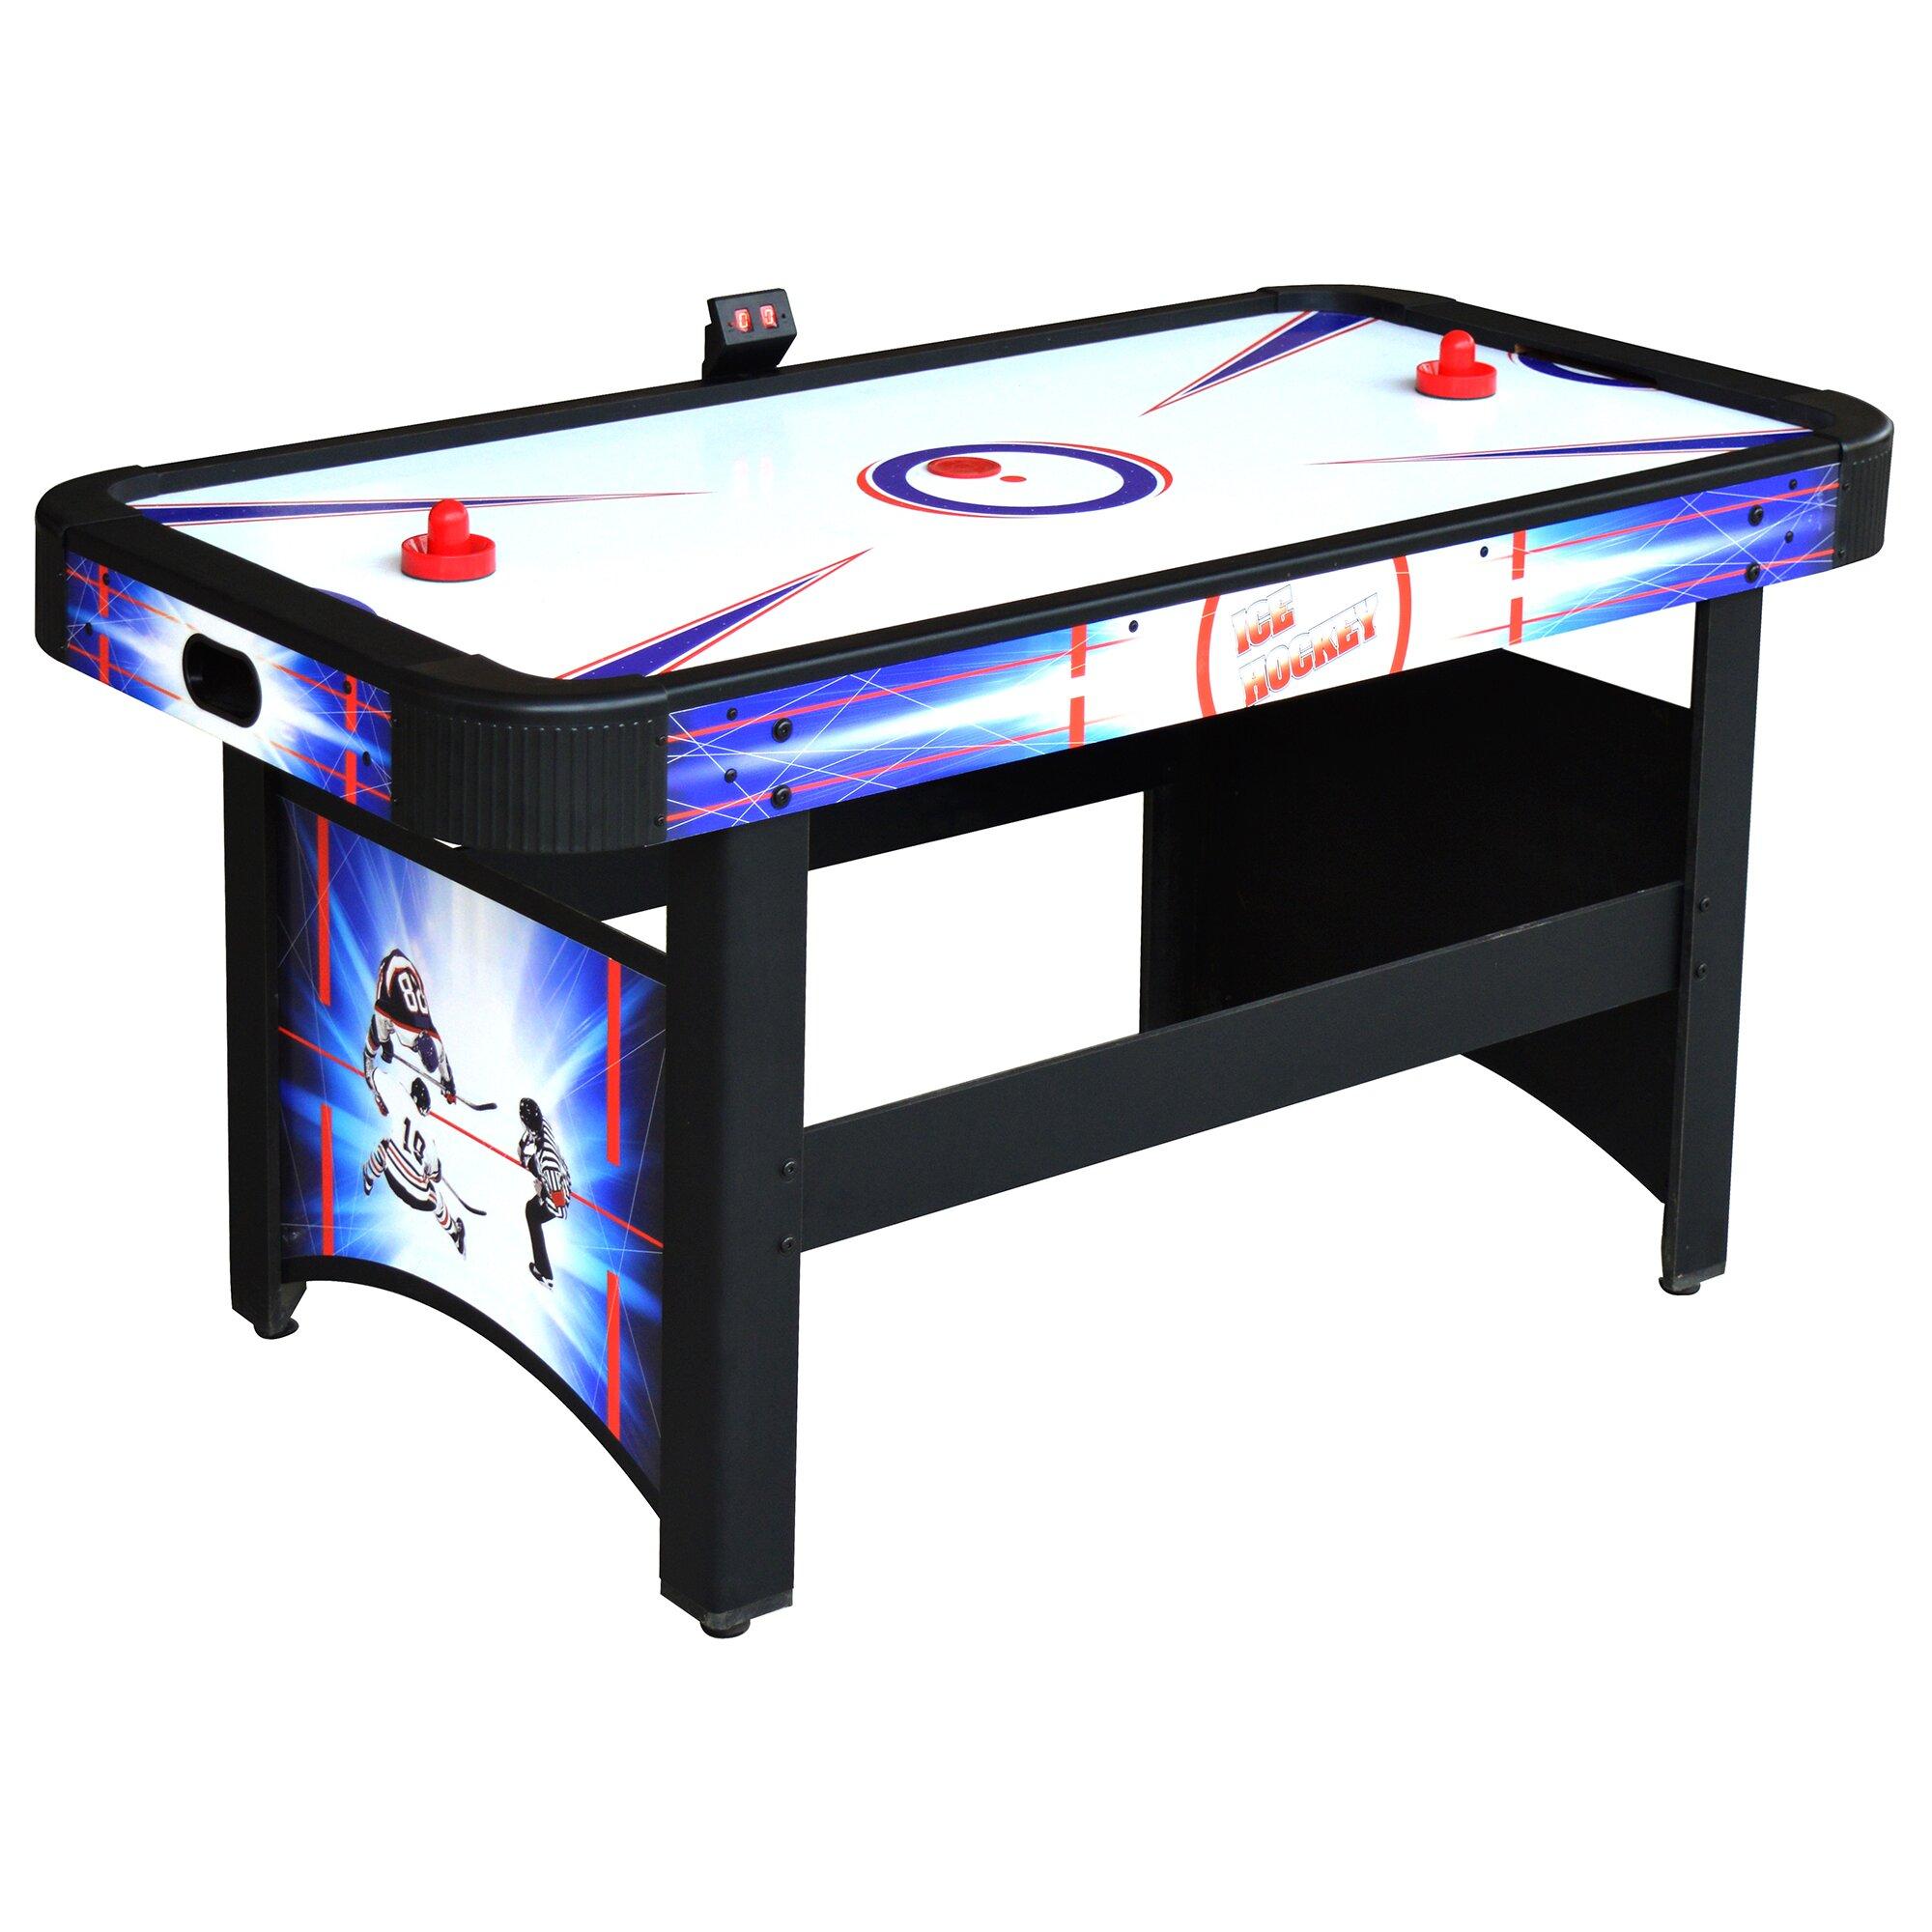 Hathaway Games Patriot 5 39 Air Hockey Table Reviews